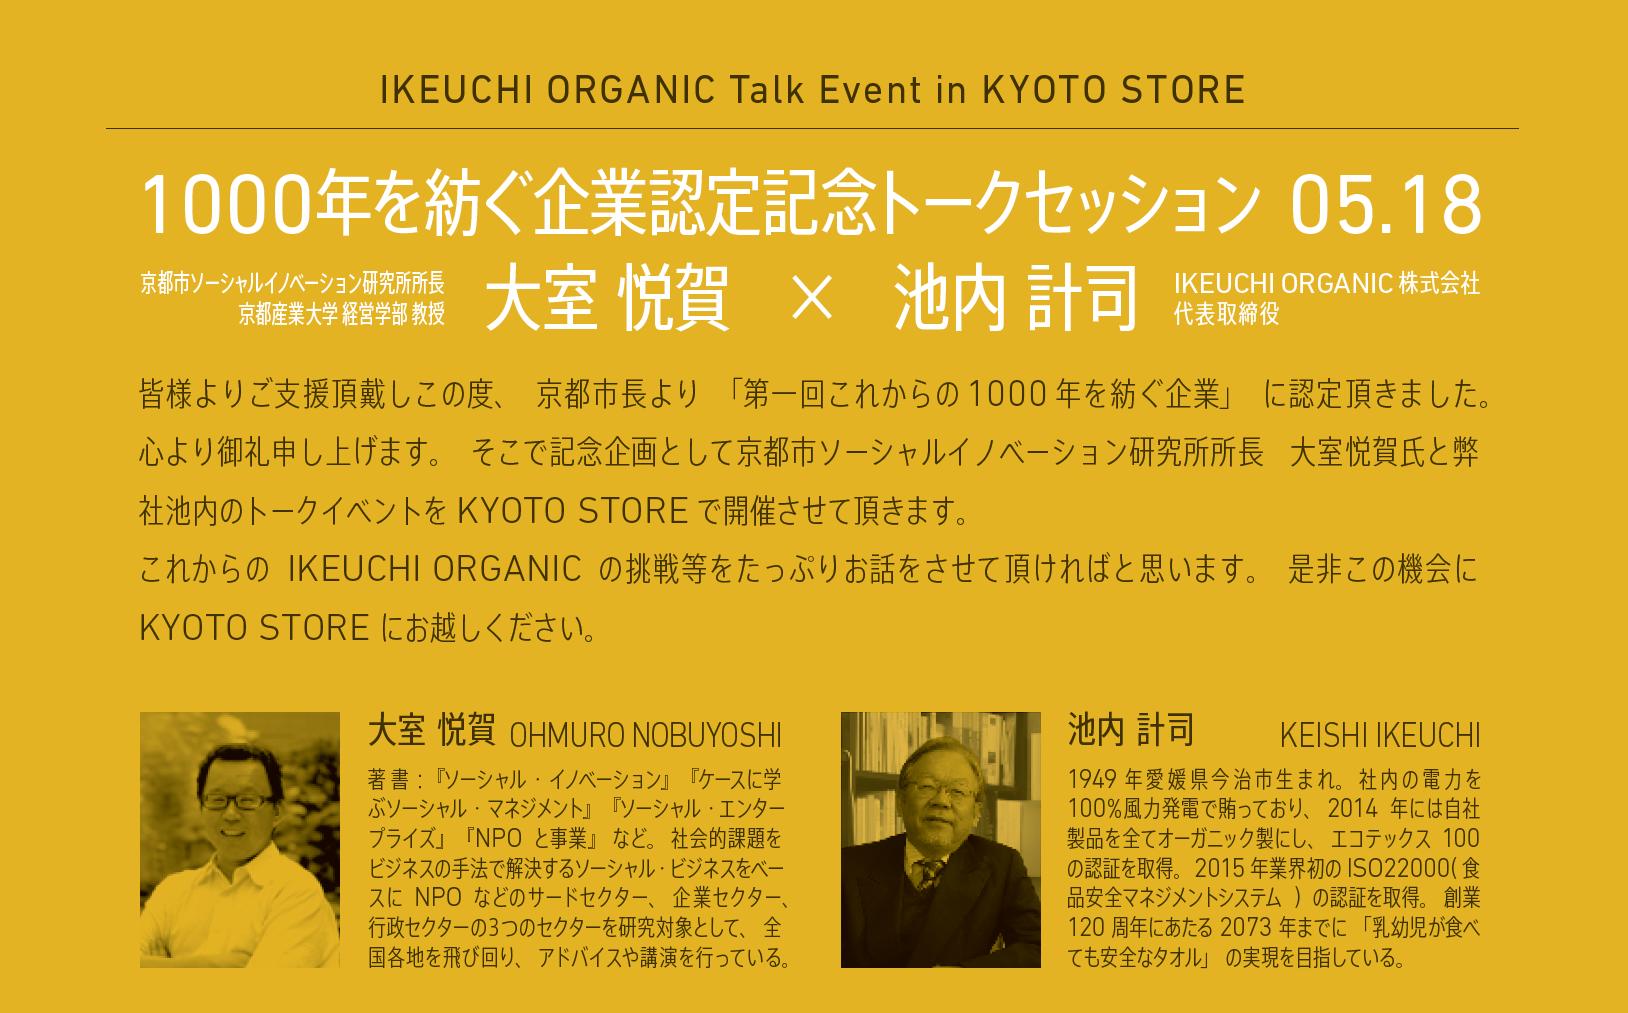 社会(化)見学 IKEUCHI ORGANIC株式会社|2016年5月18日(水)